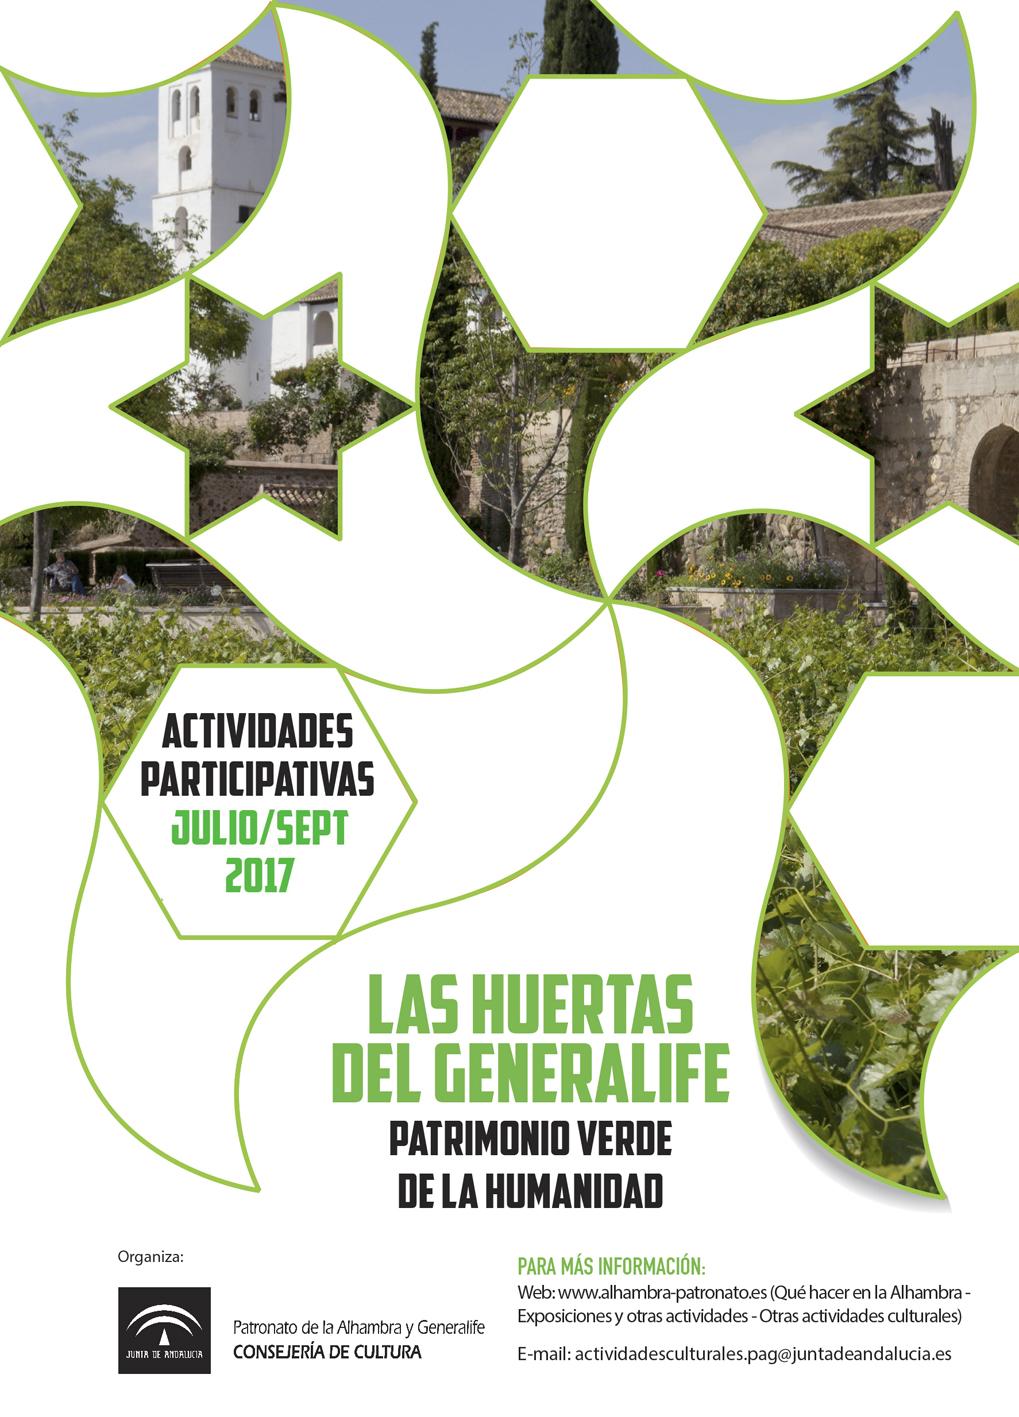 LAS HUERTAS DEL GENERALIFE. Patrimonio verde de la humanidad